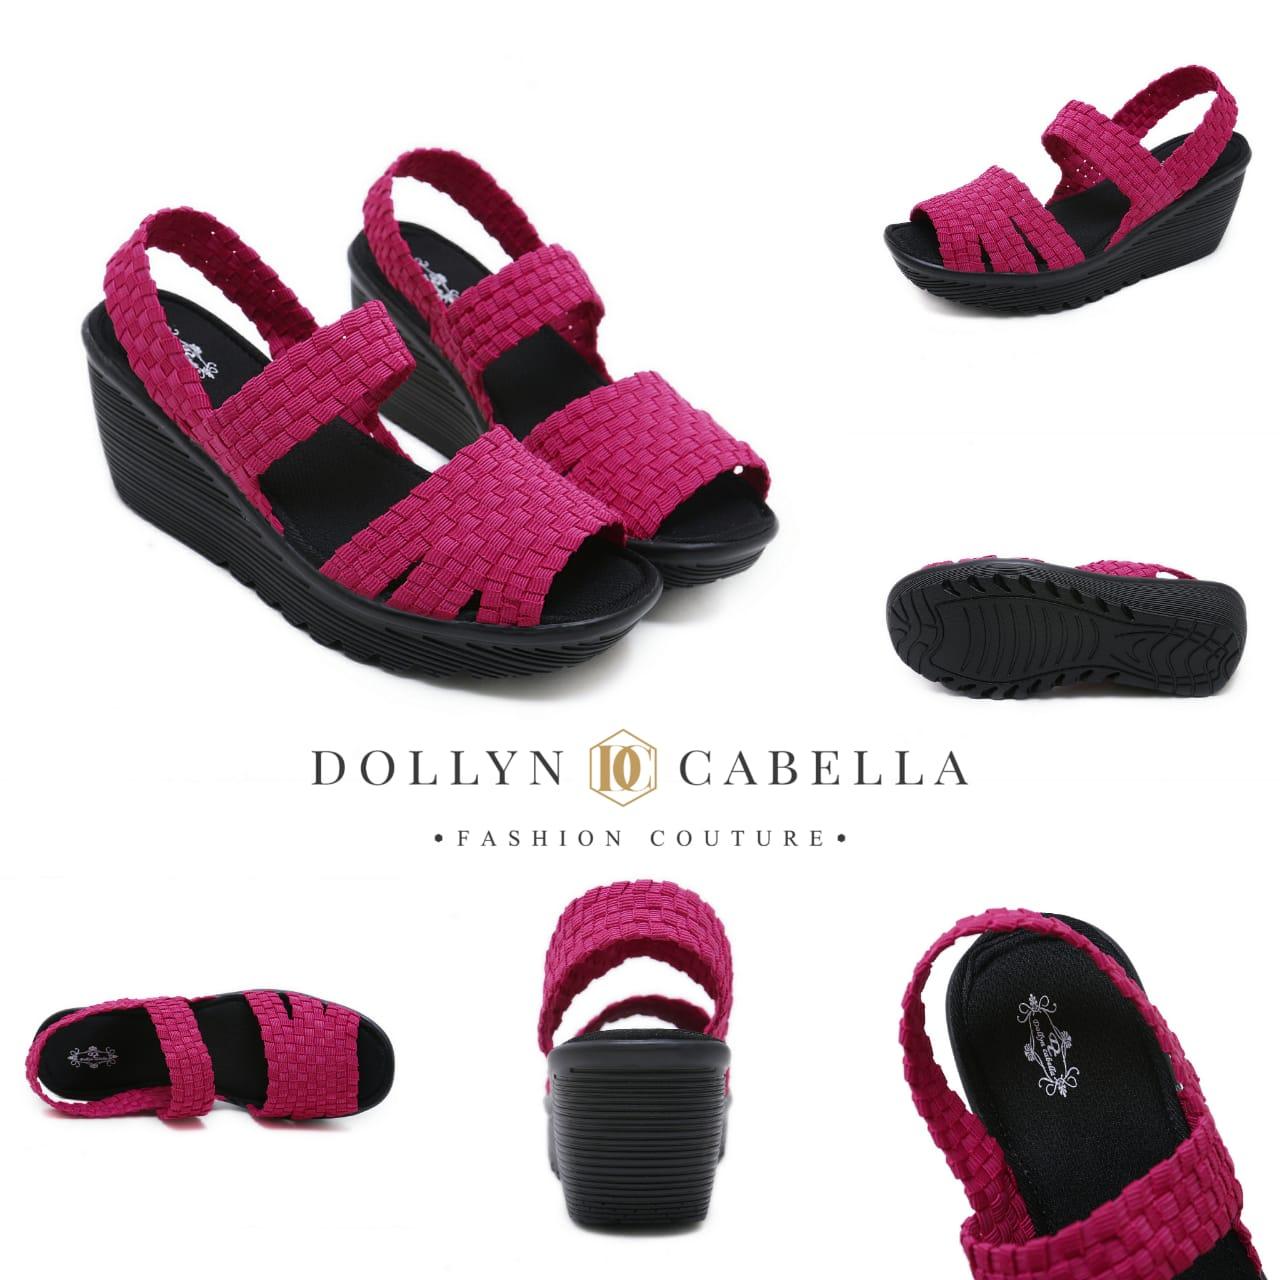 sepatu import wanita terbaru 2020 888-3MR sepatu wanita import terbaru,sepatu wanita import batam,sepatu wanita import ready stock